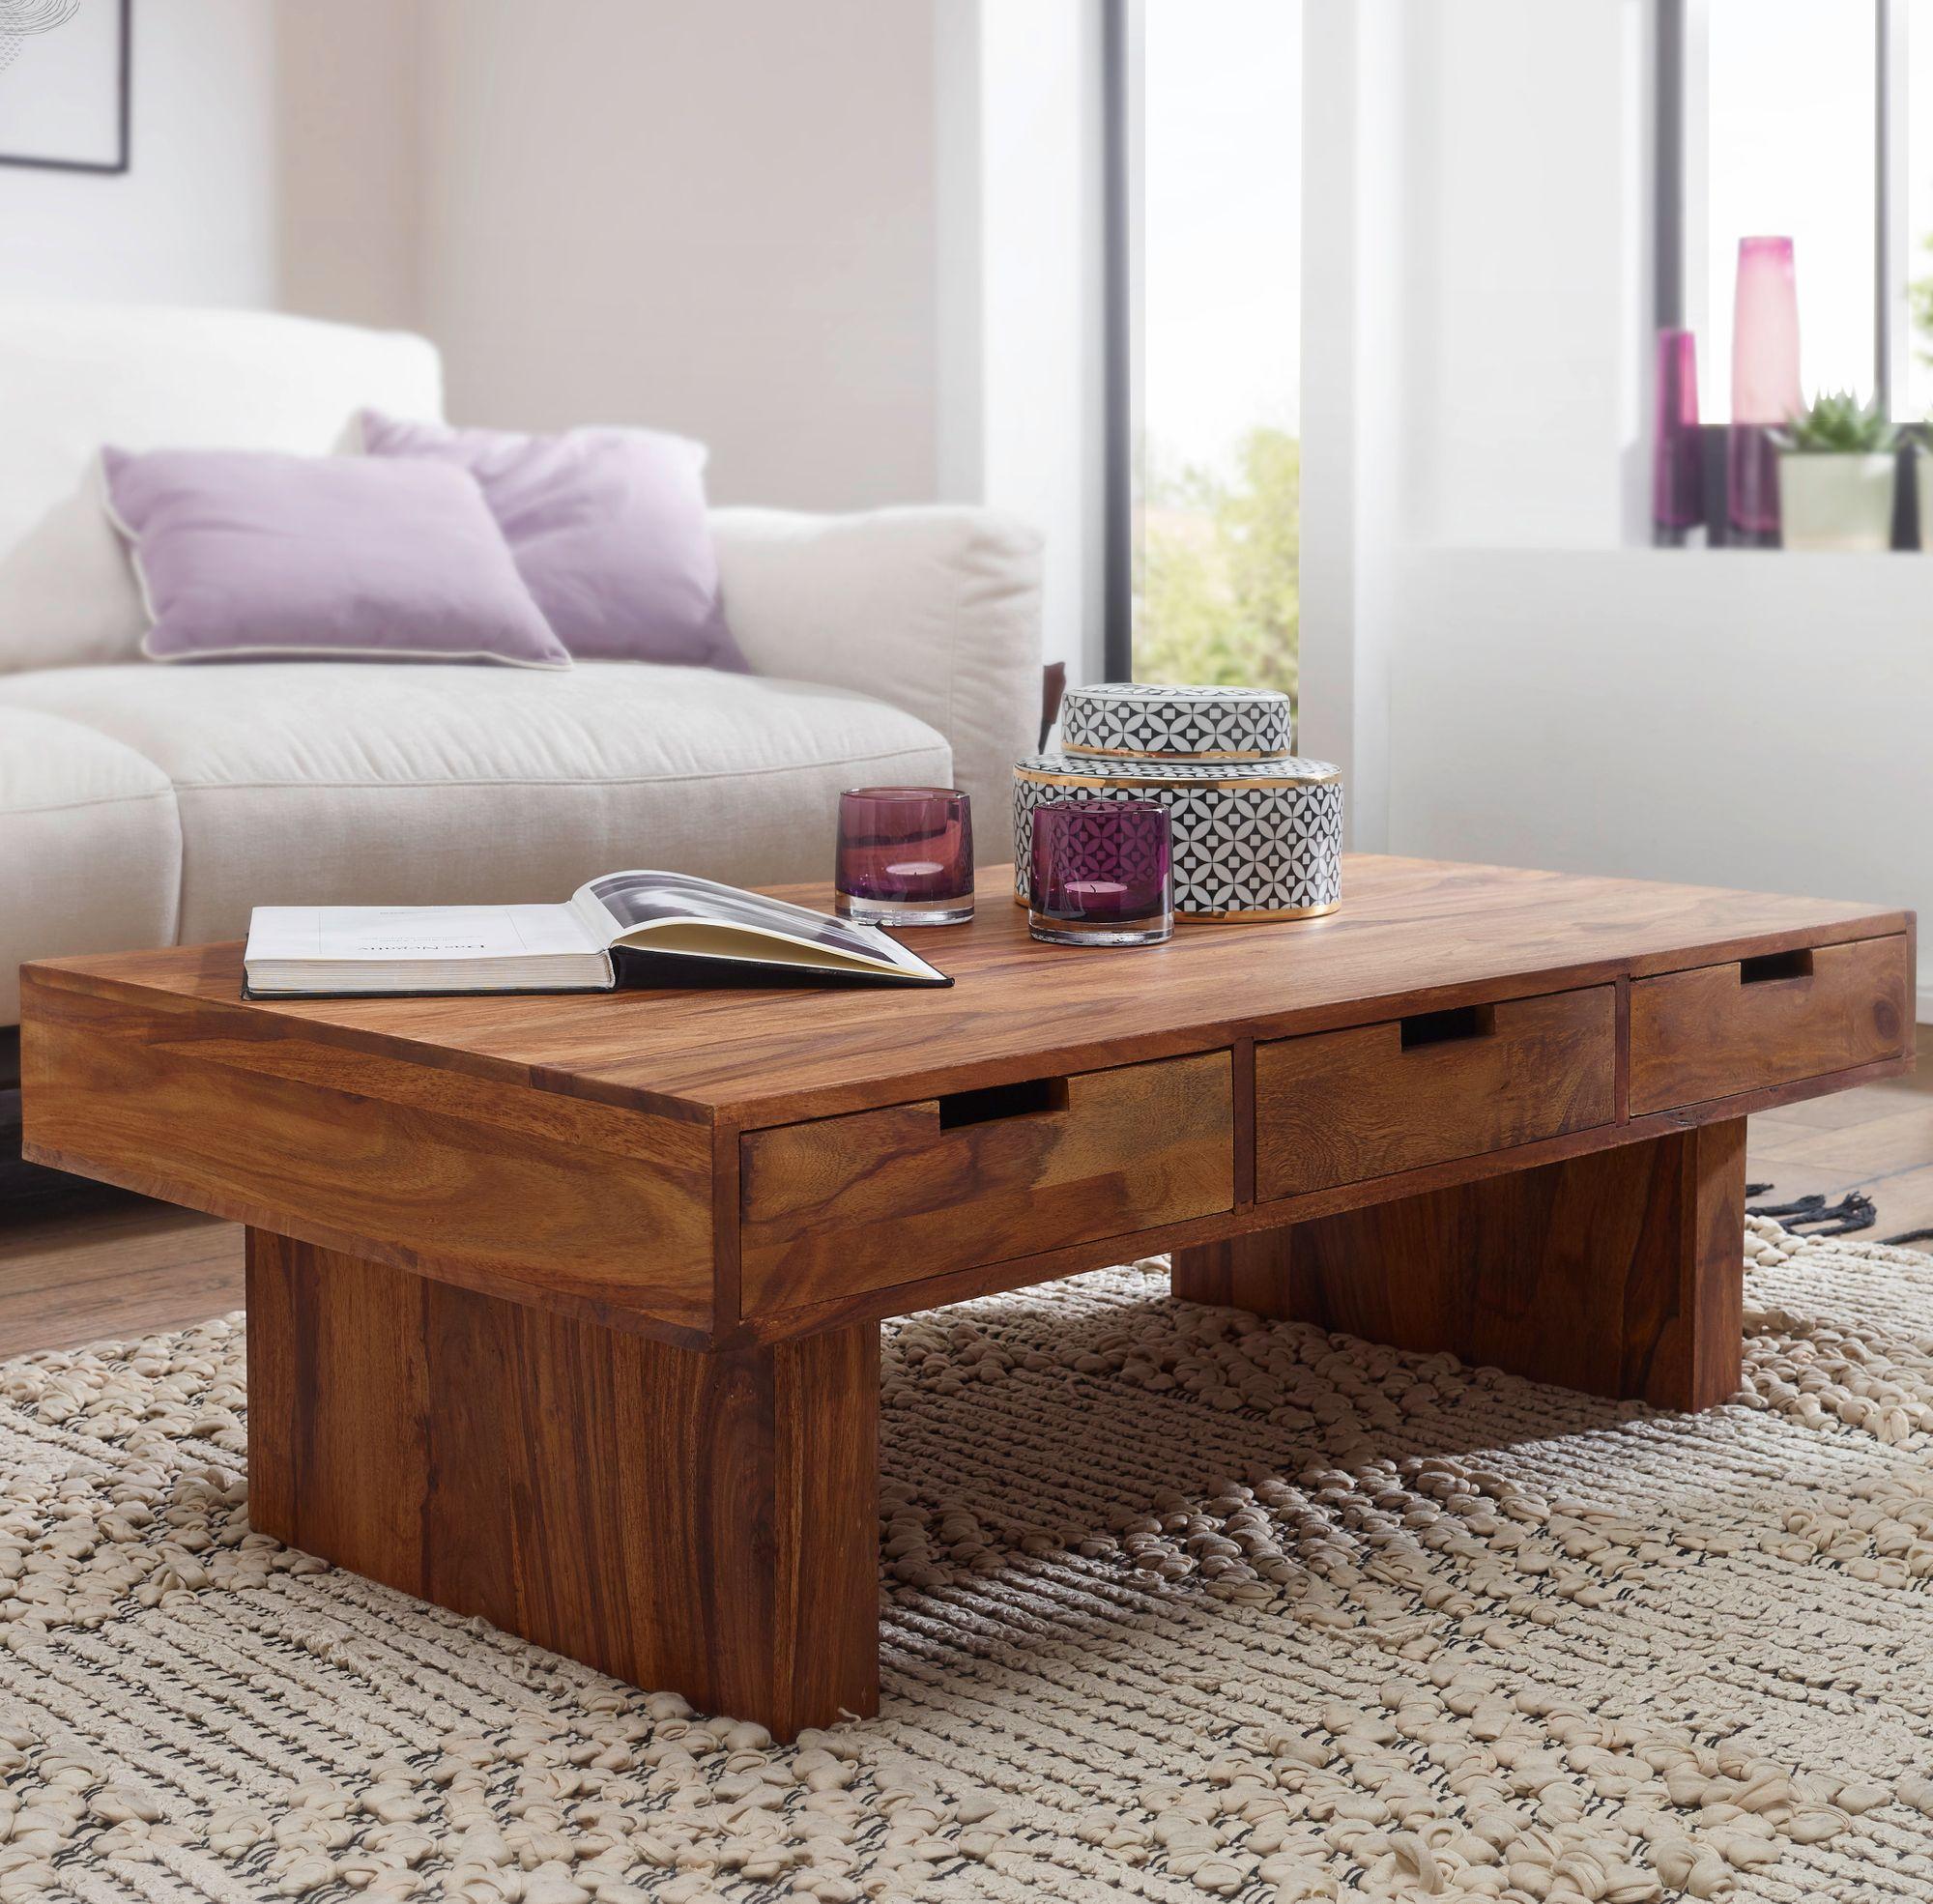 FineBuy Couchtisch Massivholz Design Wohnzimmer Tisch 110 X 60 Cm Mit 6  Schubladen Landhaus